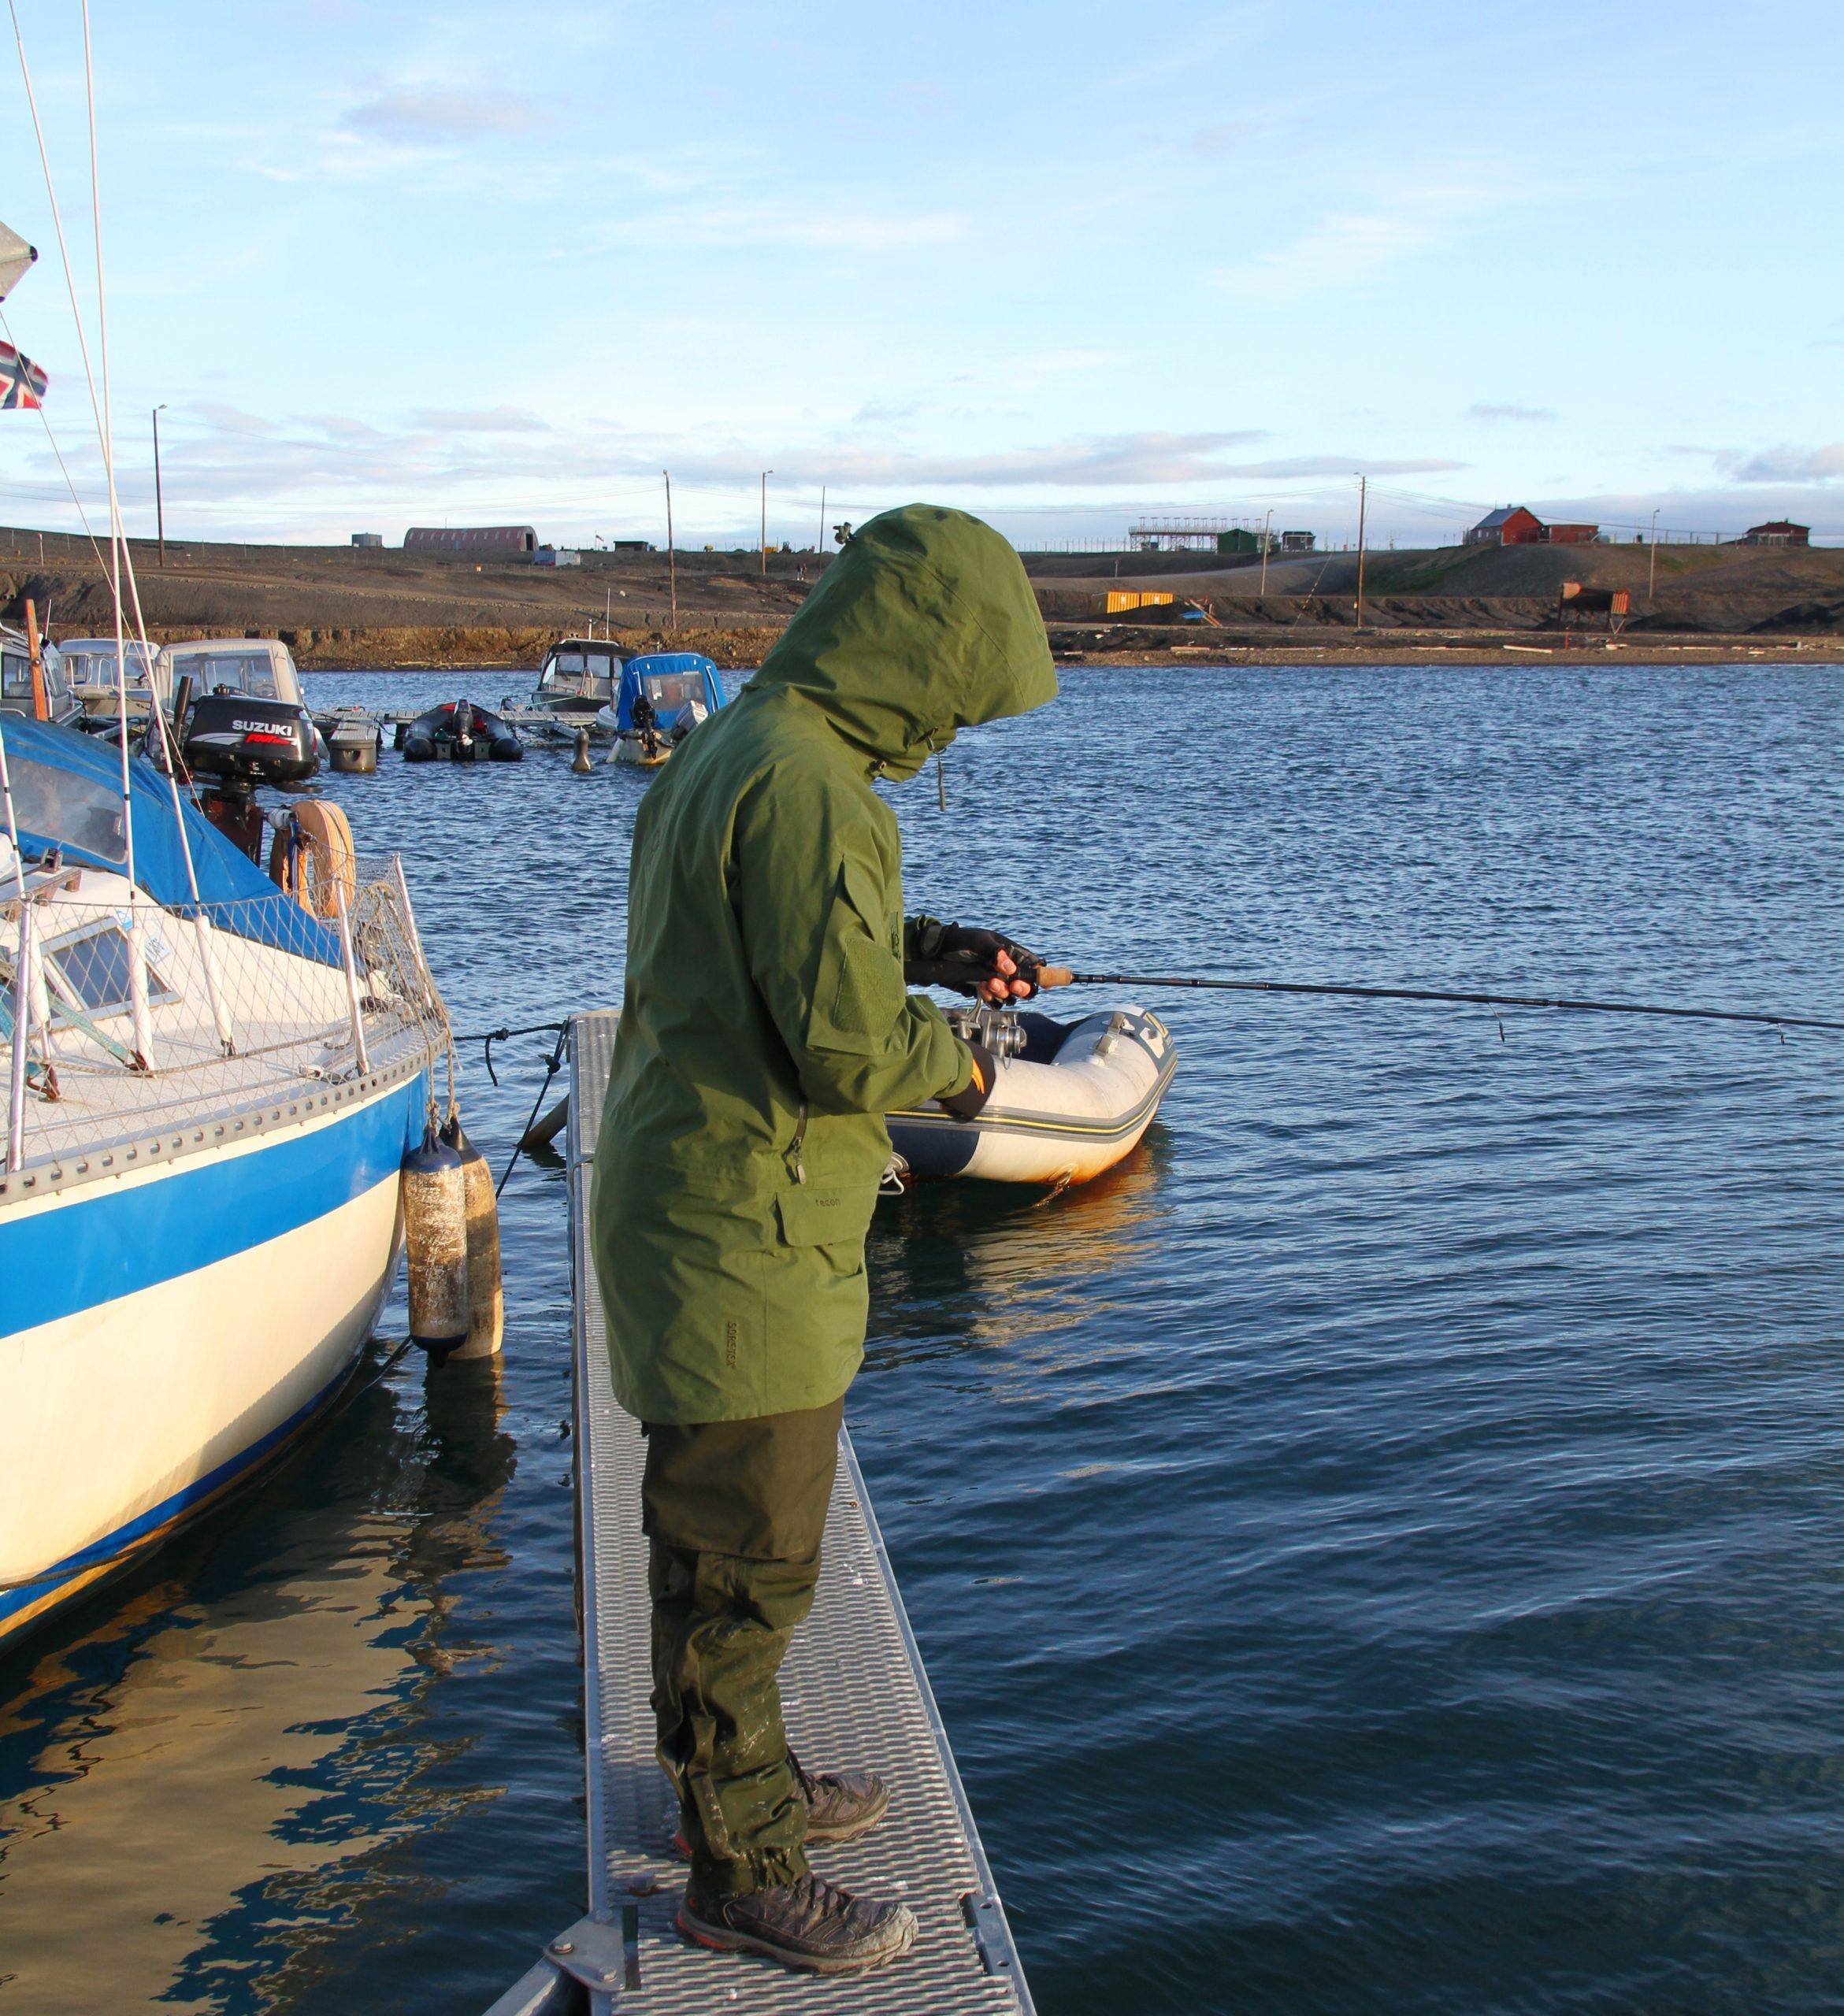 småbåthavnen var fint for bryggefiske etter ulker